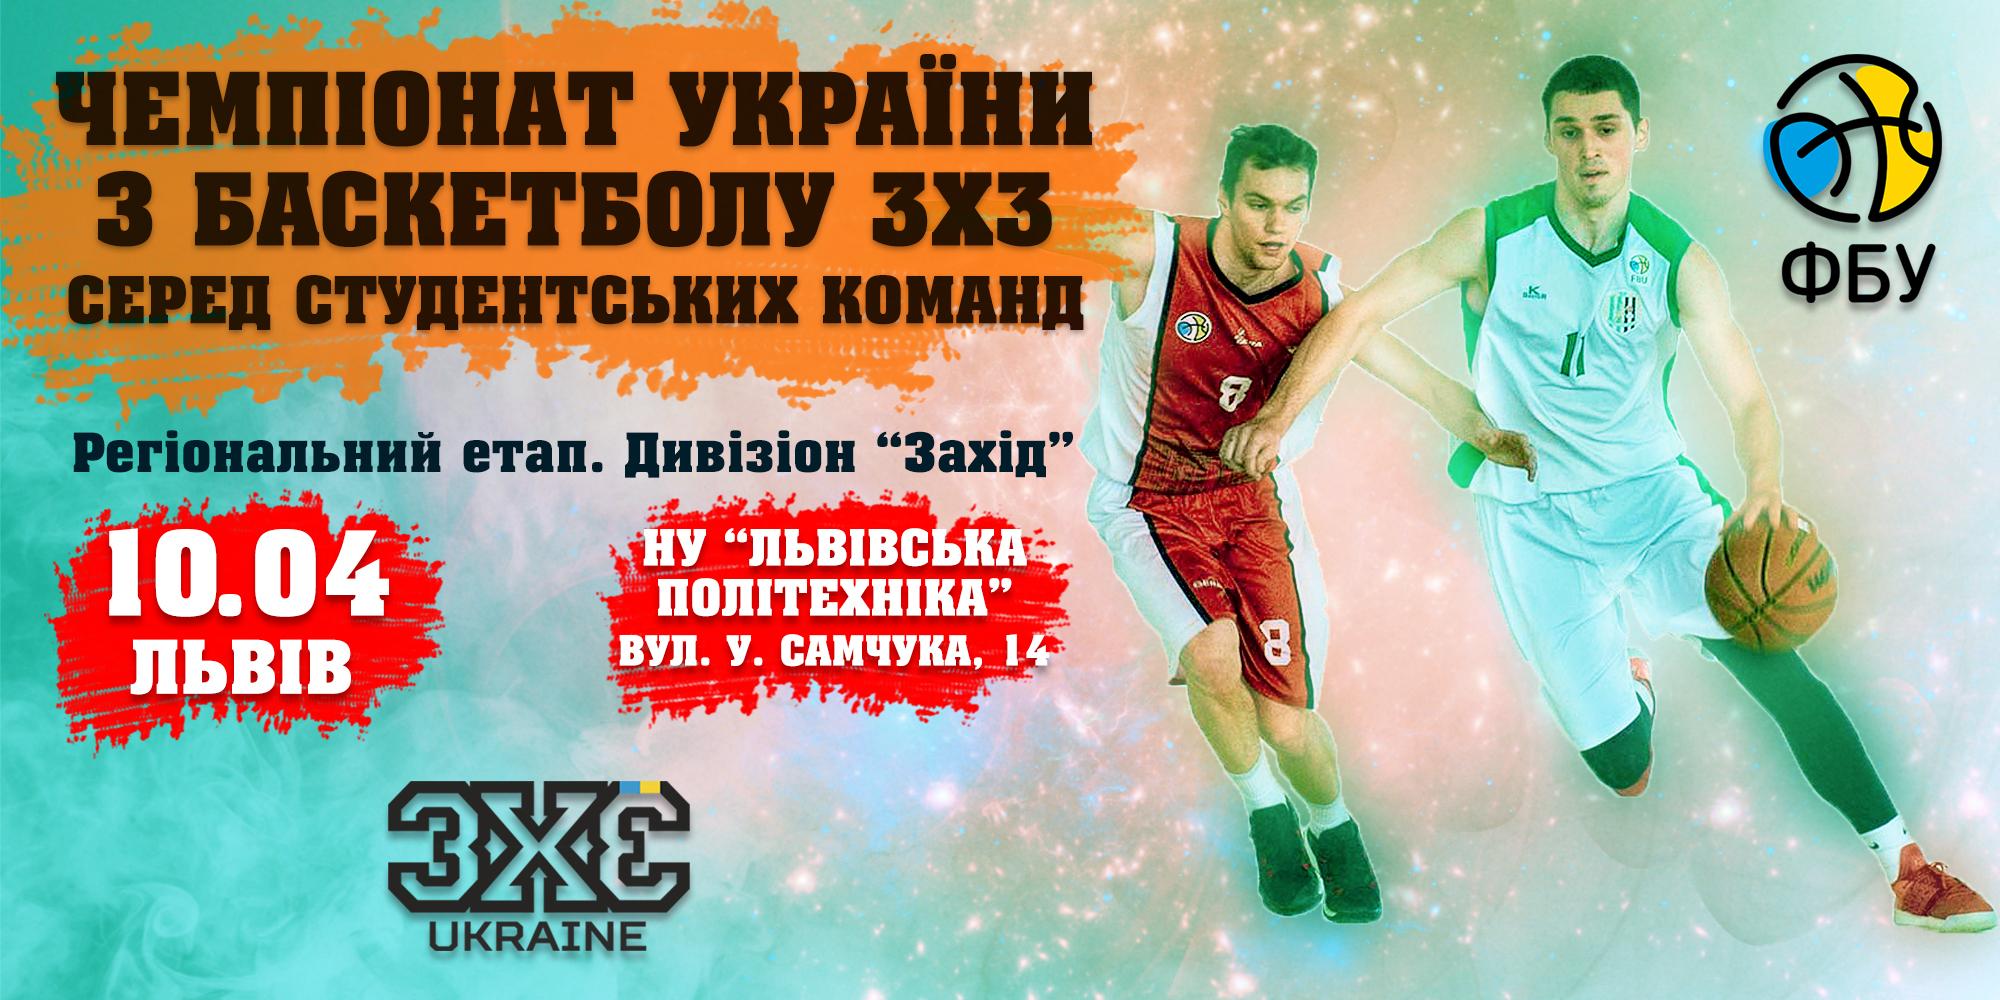 10 квітня у Львові пройде етап студентського чемпіонату України з баскетболу 3х3